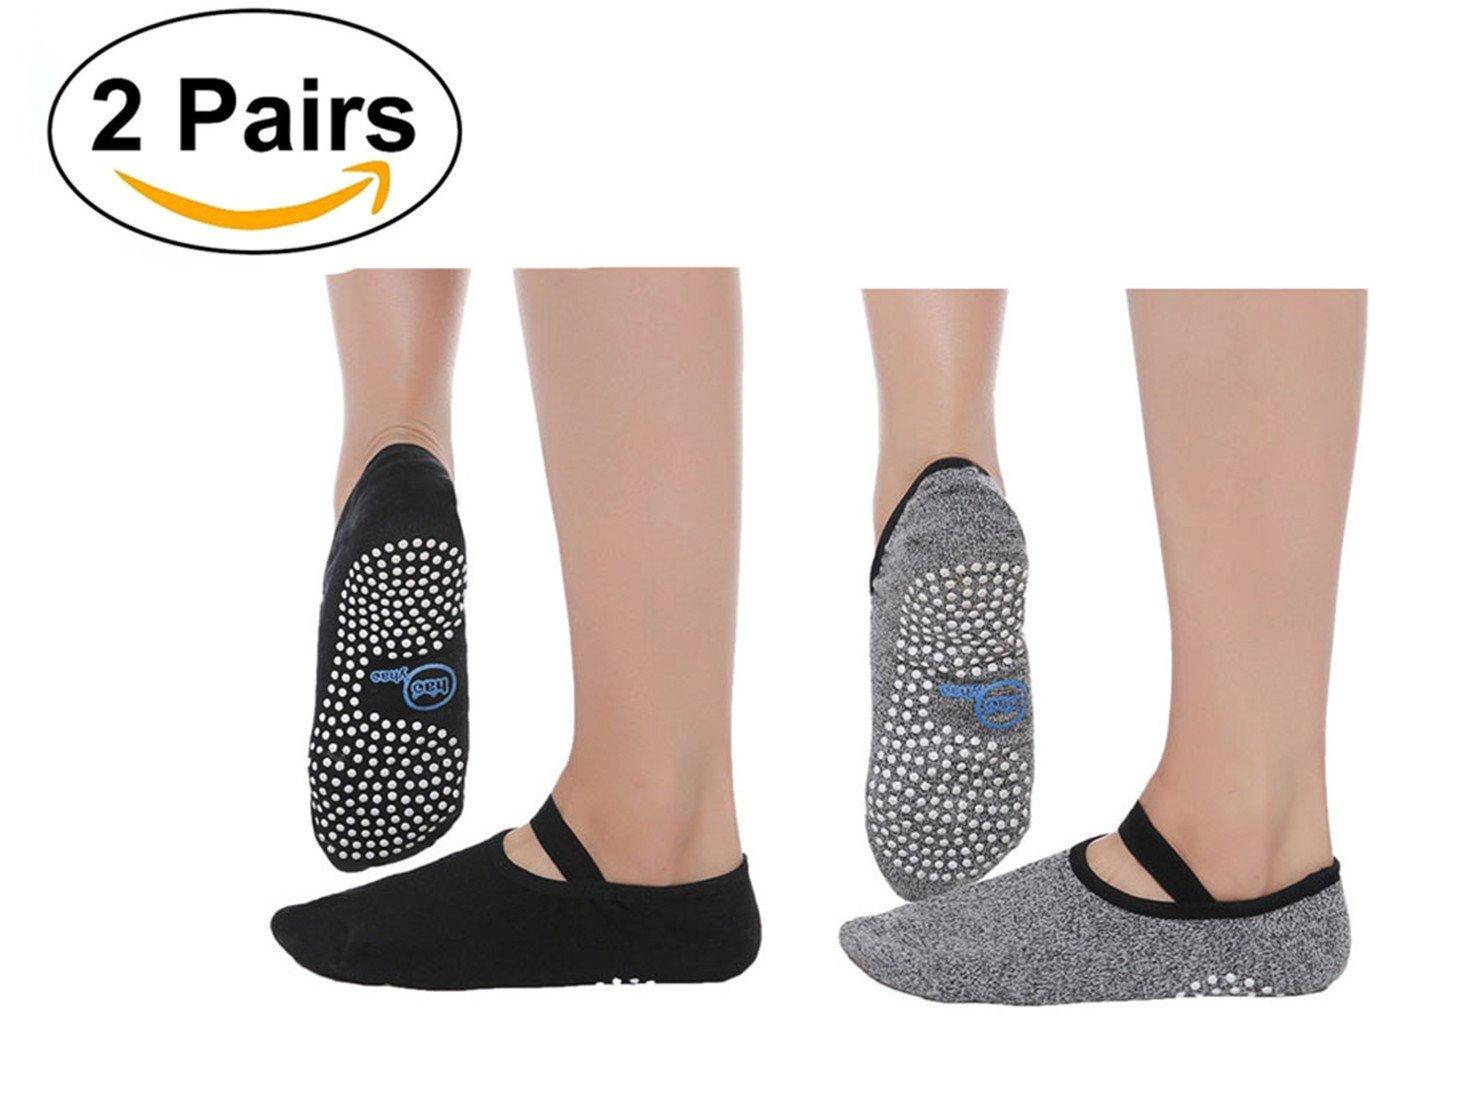 SANIQUEEN.G 2 Paare Mä nner/Damen Yoga Socken Rutschfest Atmungsaktiv Yoga Pilates Tanz Fitness Sport Workout-Socken EUR Damen 35-40/Mä nner 38-44